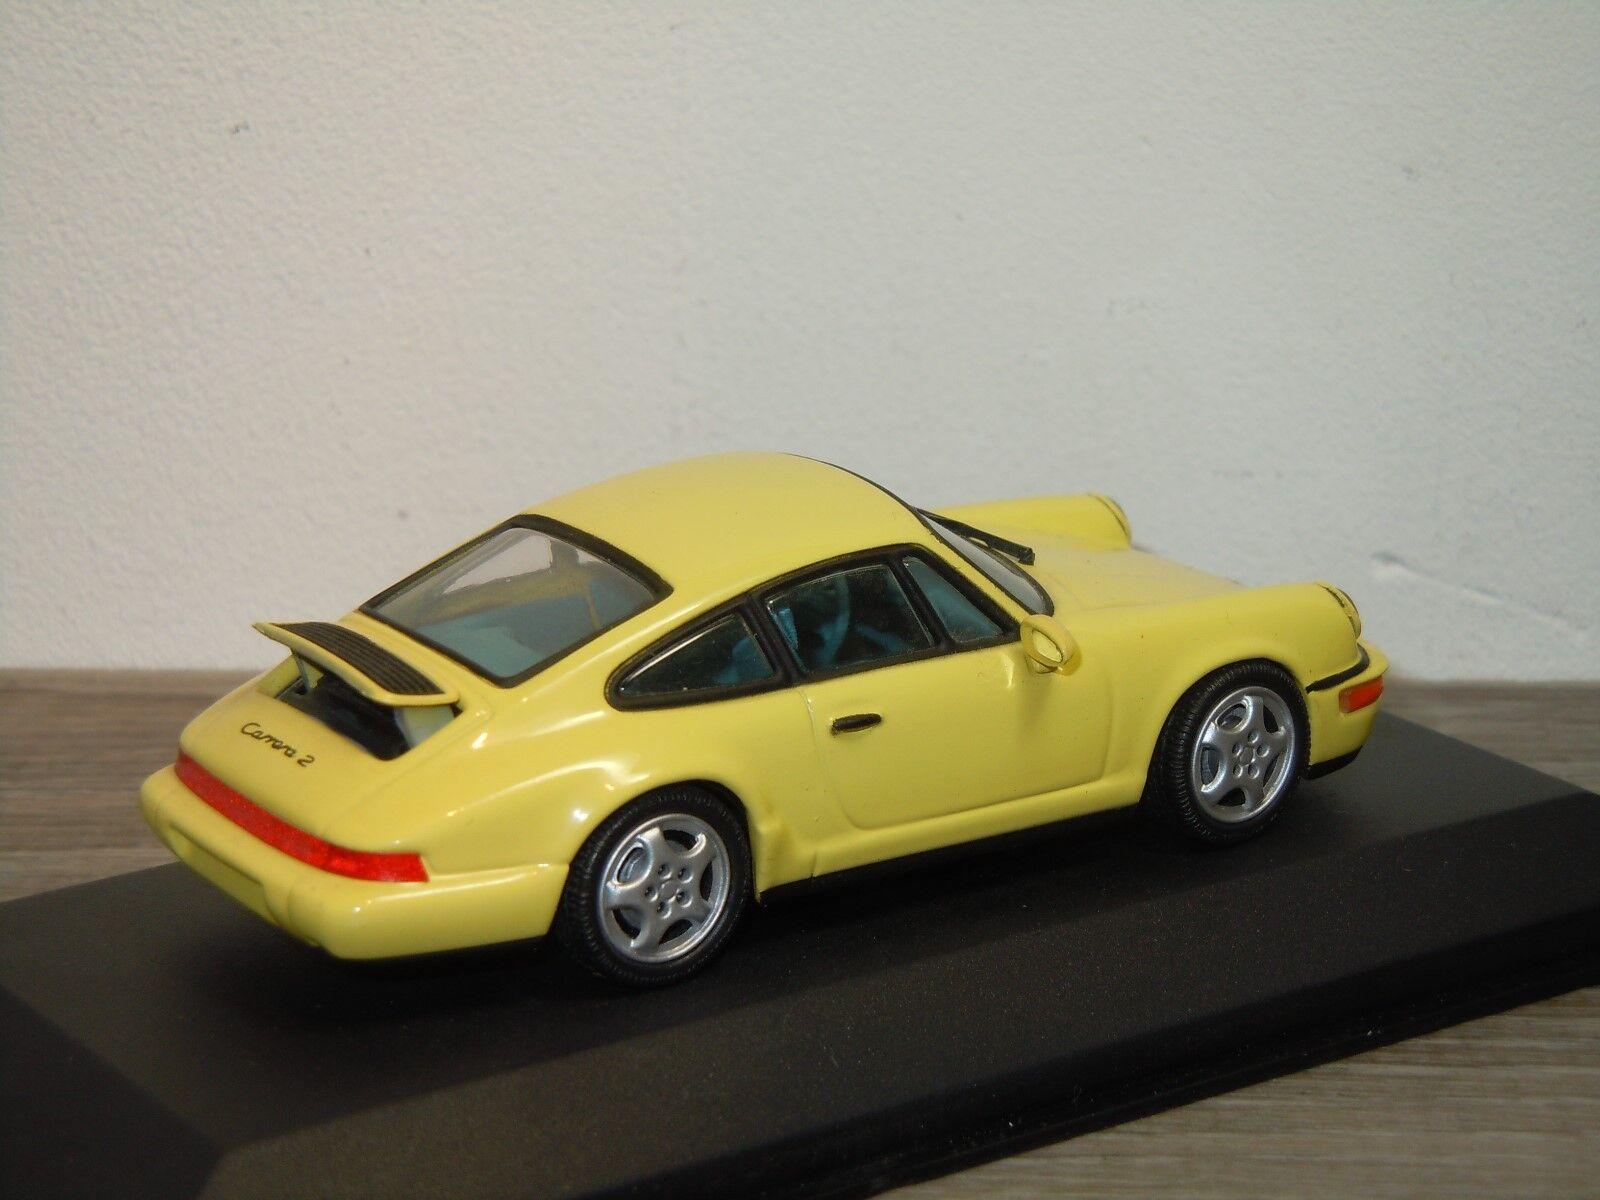 Porsche 911 964 Carrera 2 4 1992 - - - Minichamps 1 43 in Box 34068 9abf9a